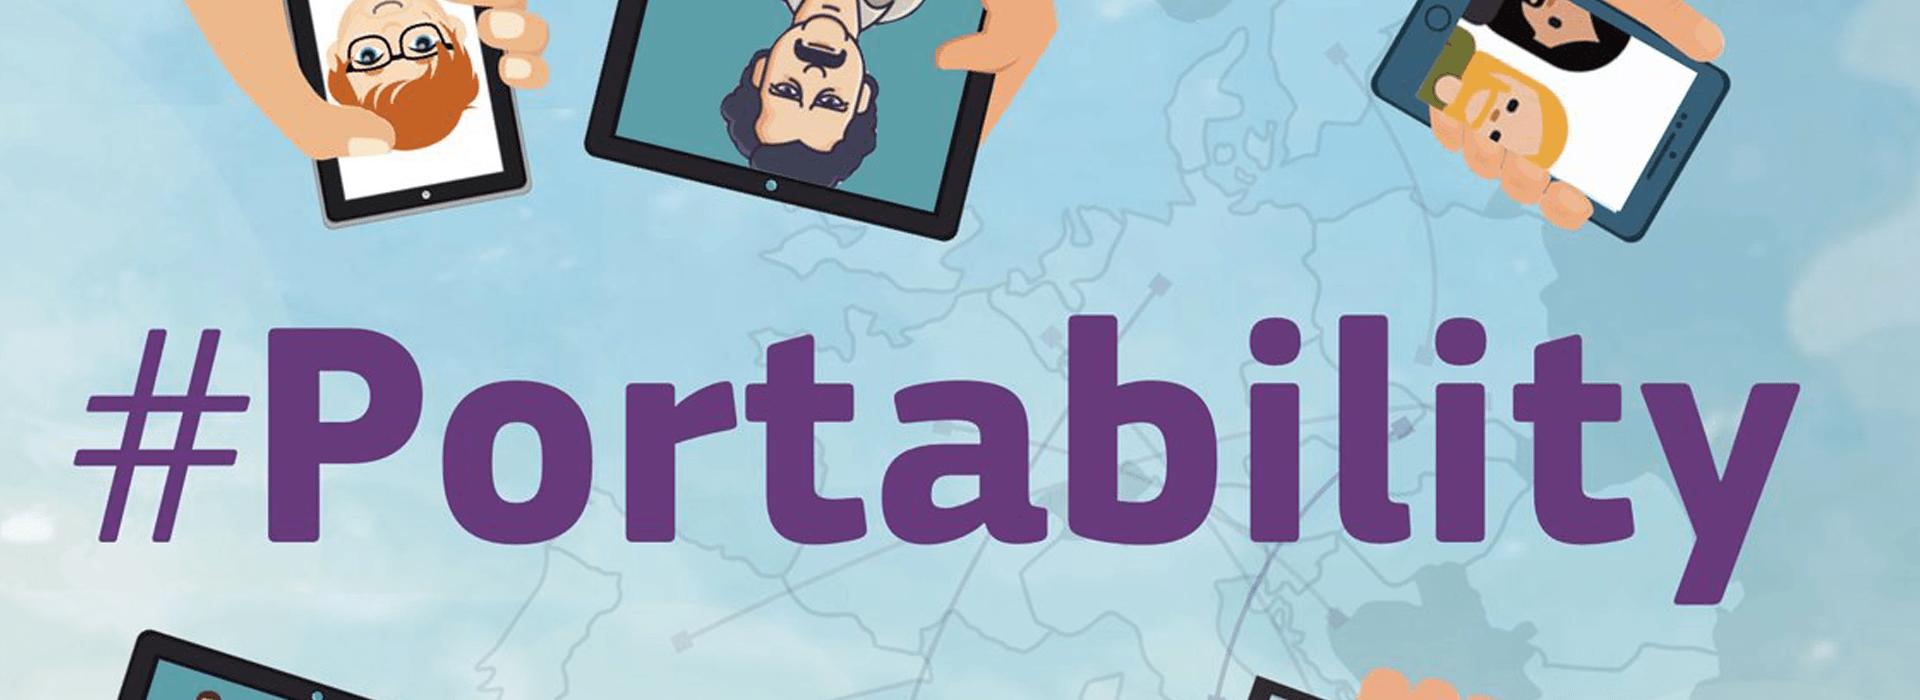 #portability